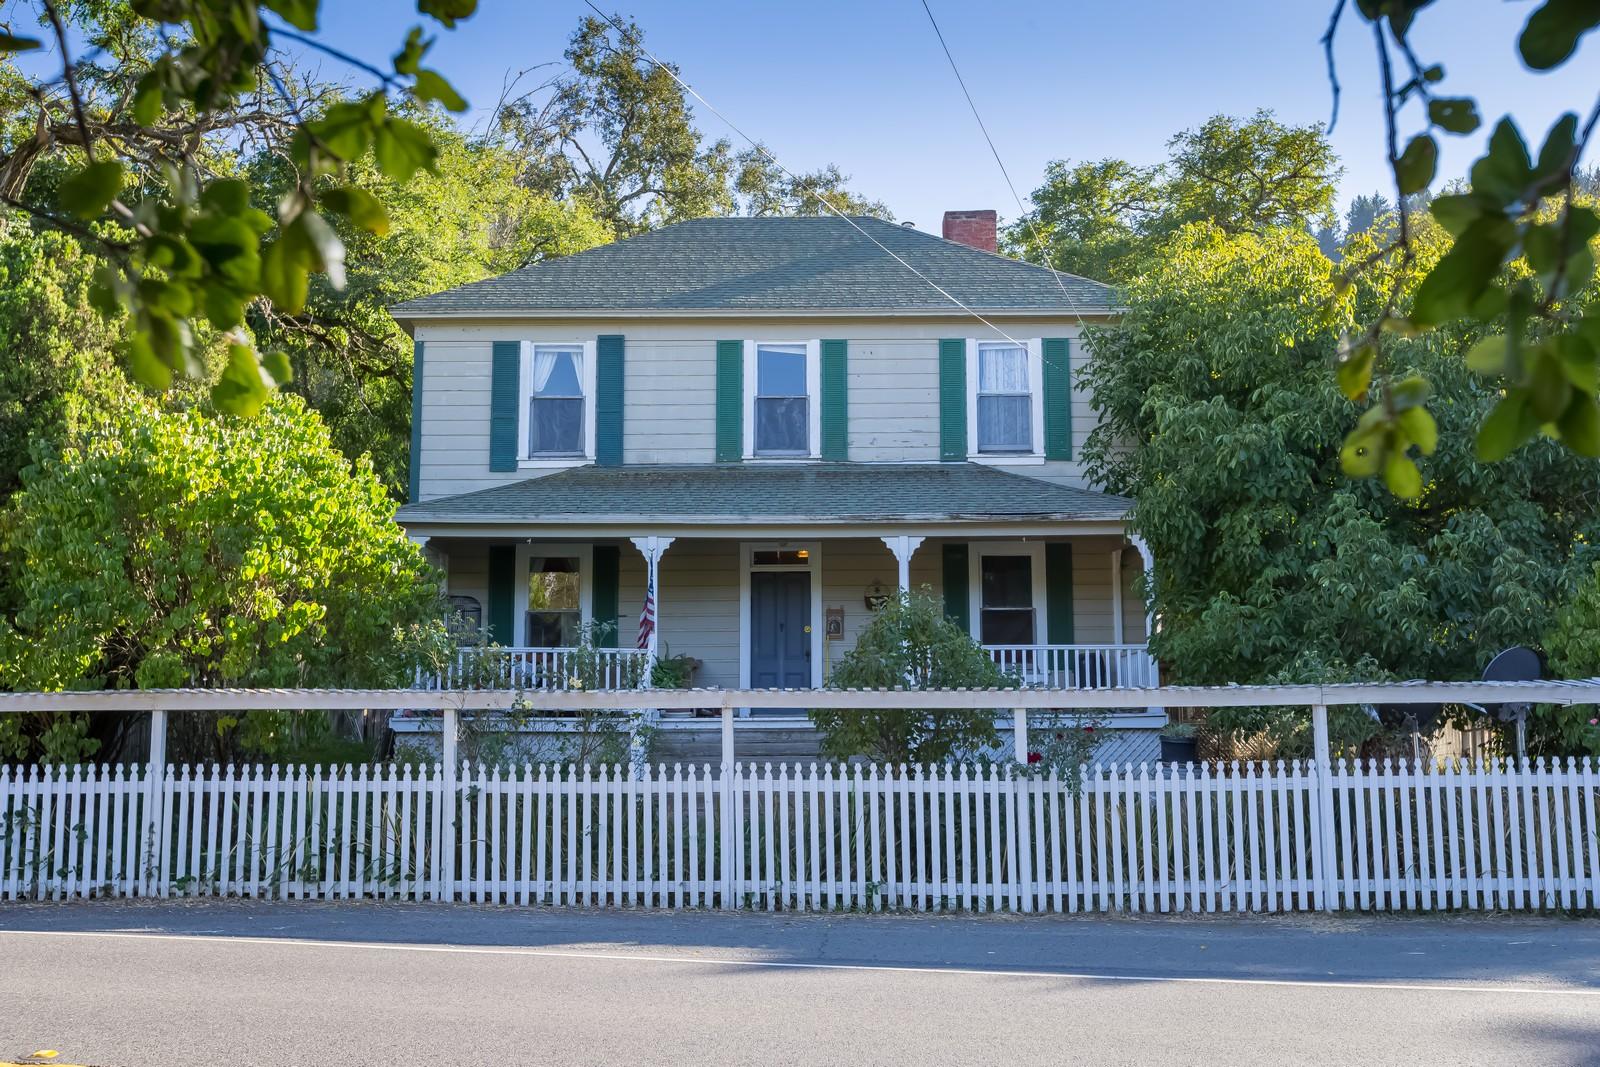 Ferme / Ranch / Plantation pour l Vente à Picturesque Historic Yorkville Property 33680 Highway 128 Yorkville, Californie 95494 États-Unis